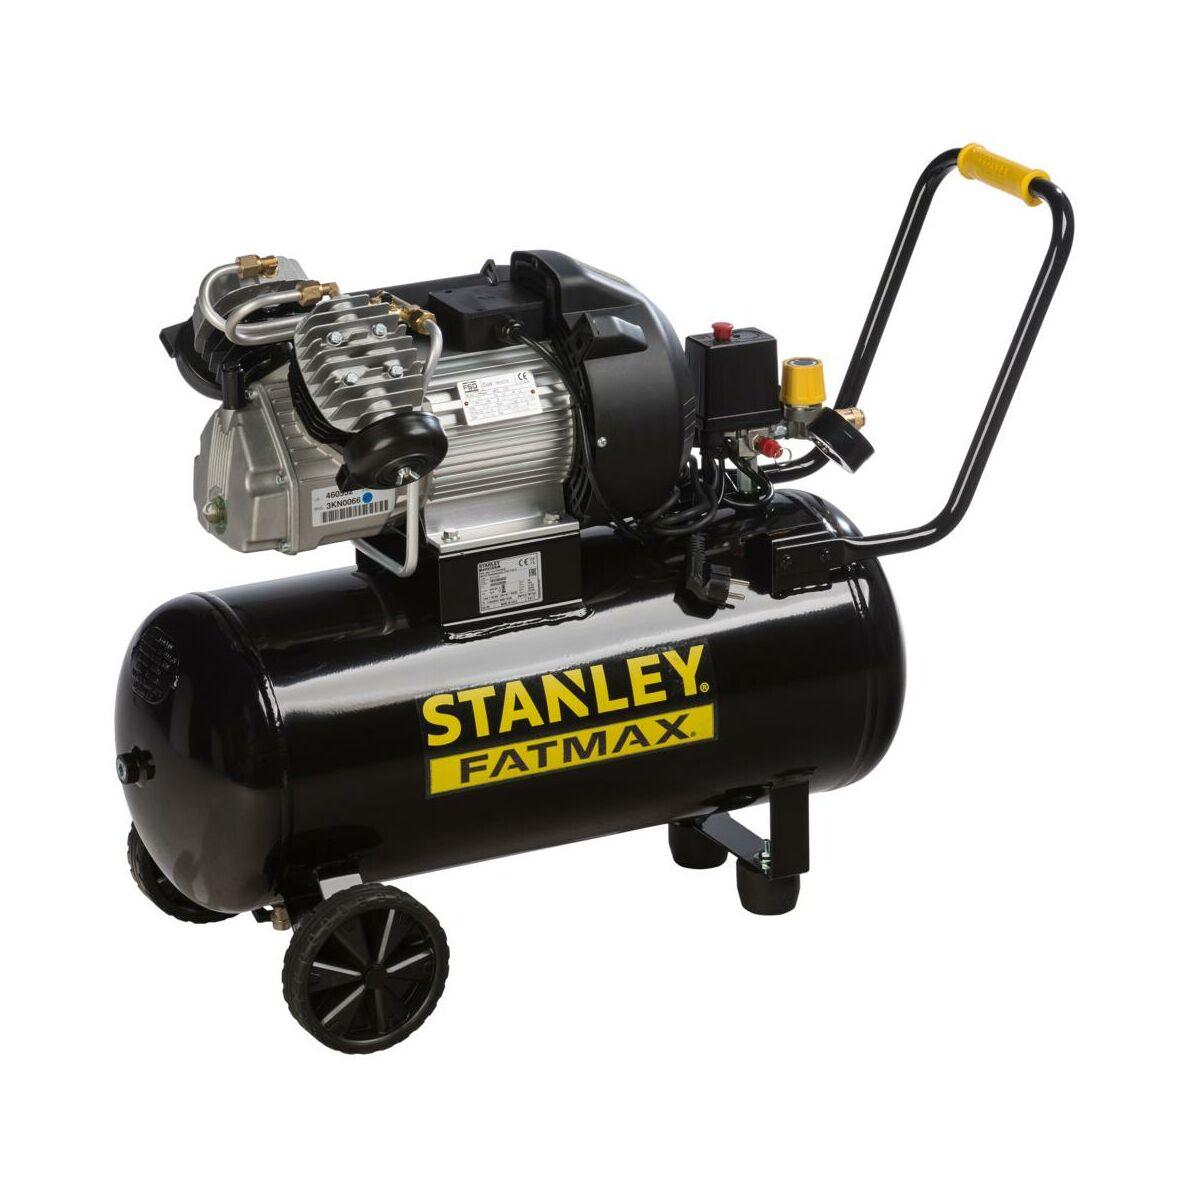 Kompresor Olejowy 8119500stf522 50 L 10 Bar Stanley Fatmax Kompresory W Atrakcyjnej Cenie W Sklepach Leroy Merlin